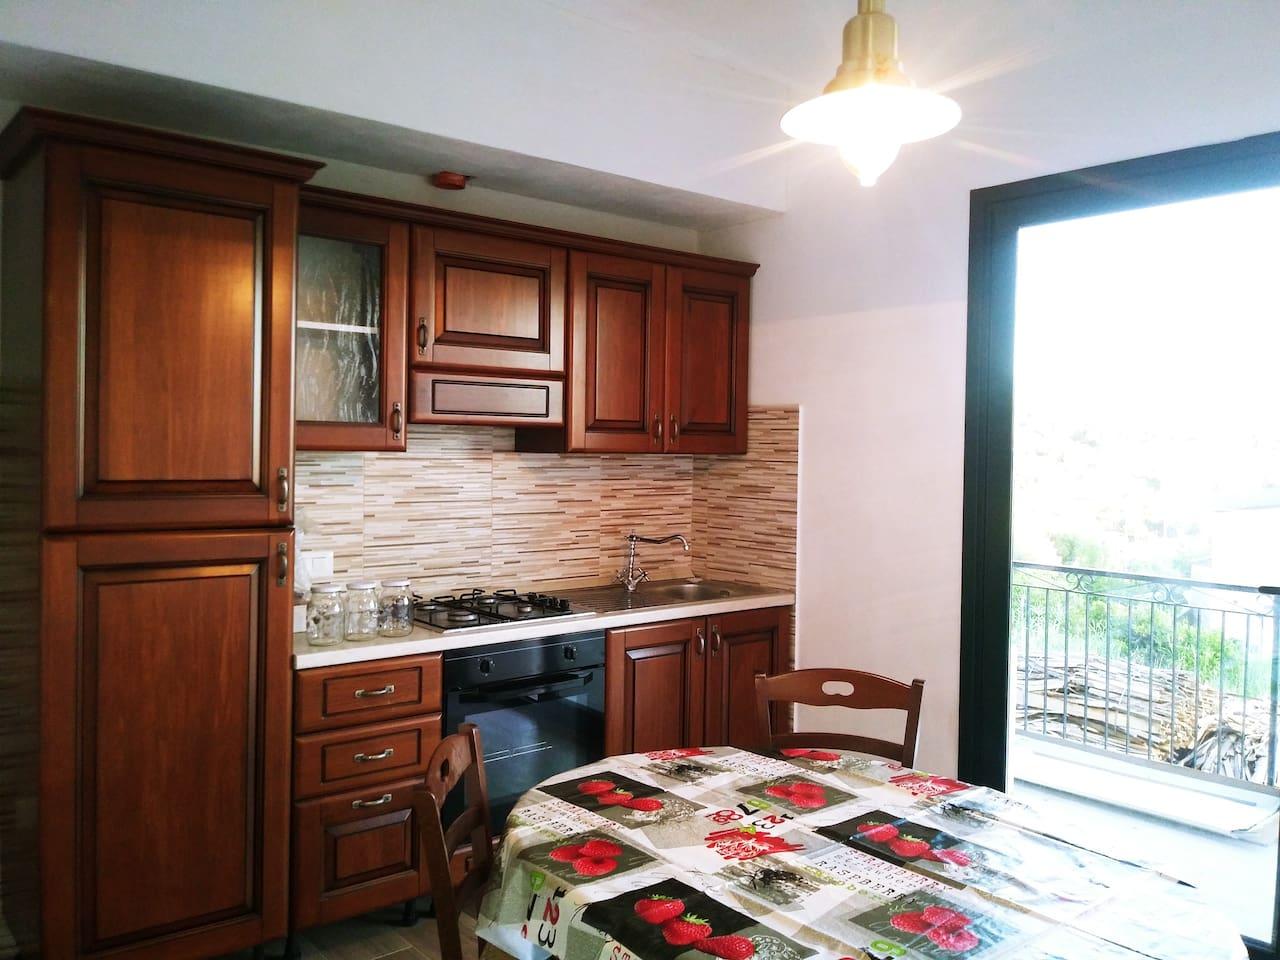 Salone con cucina attrezzata e finestrone panoramico.